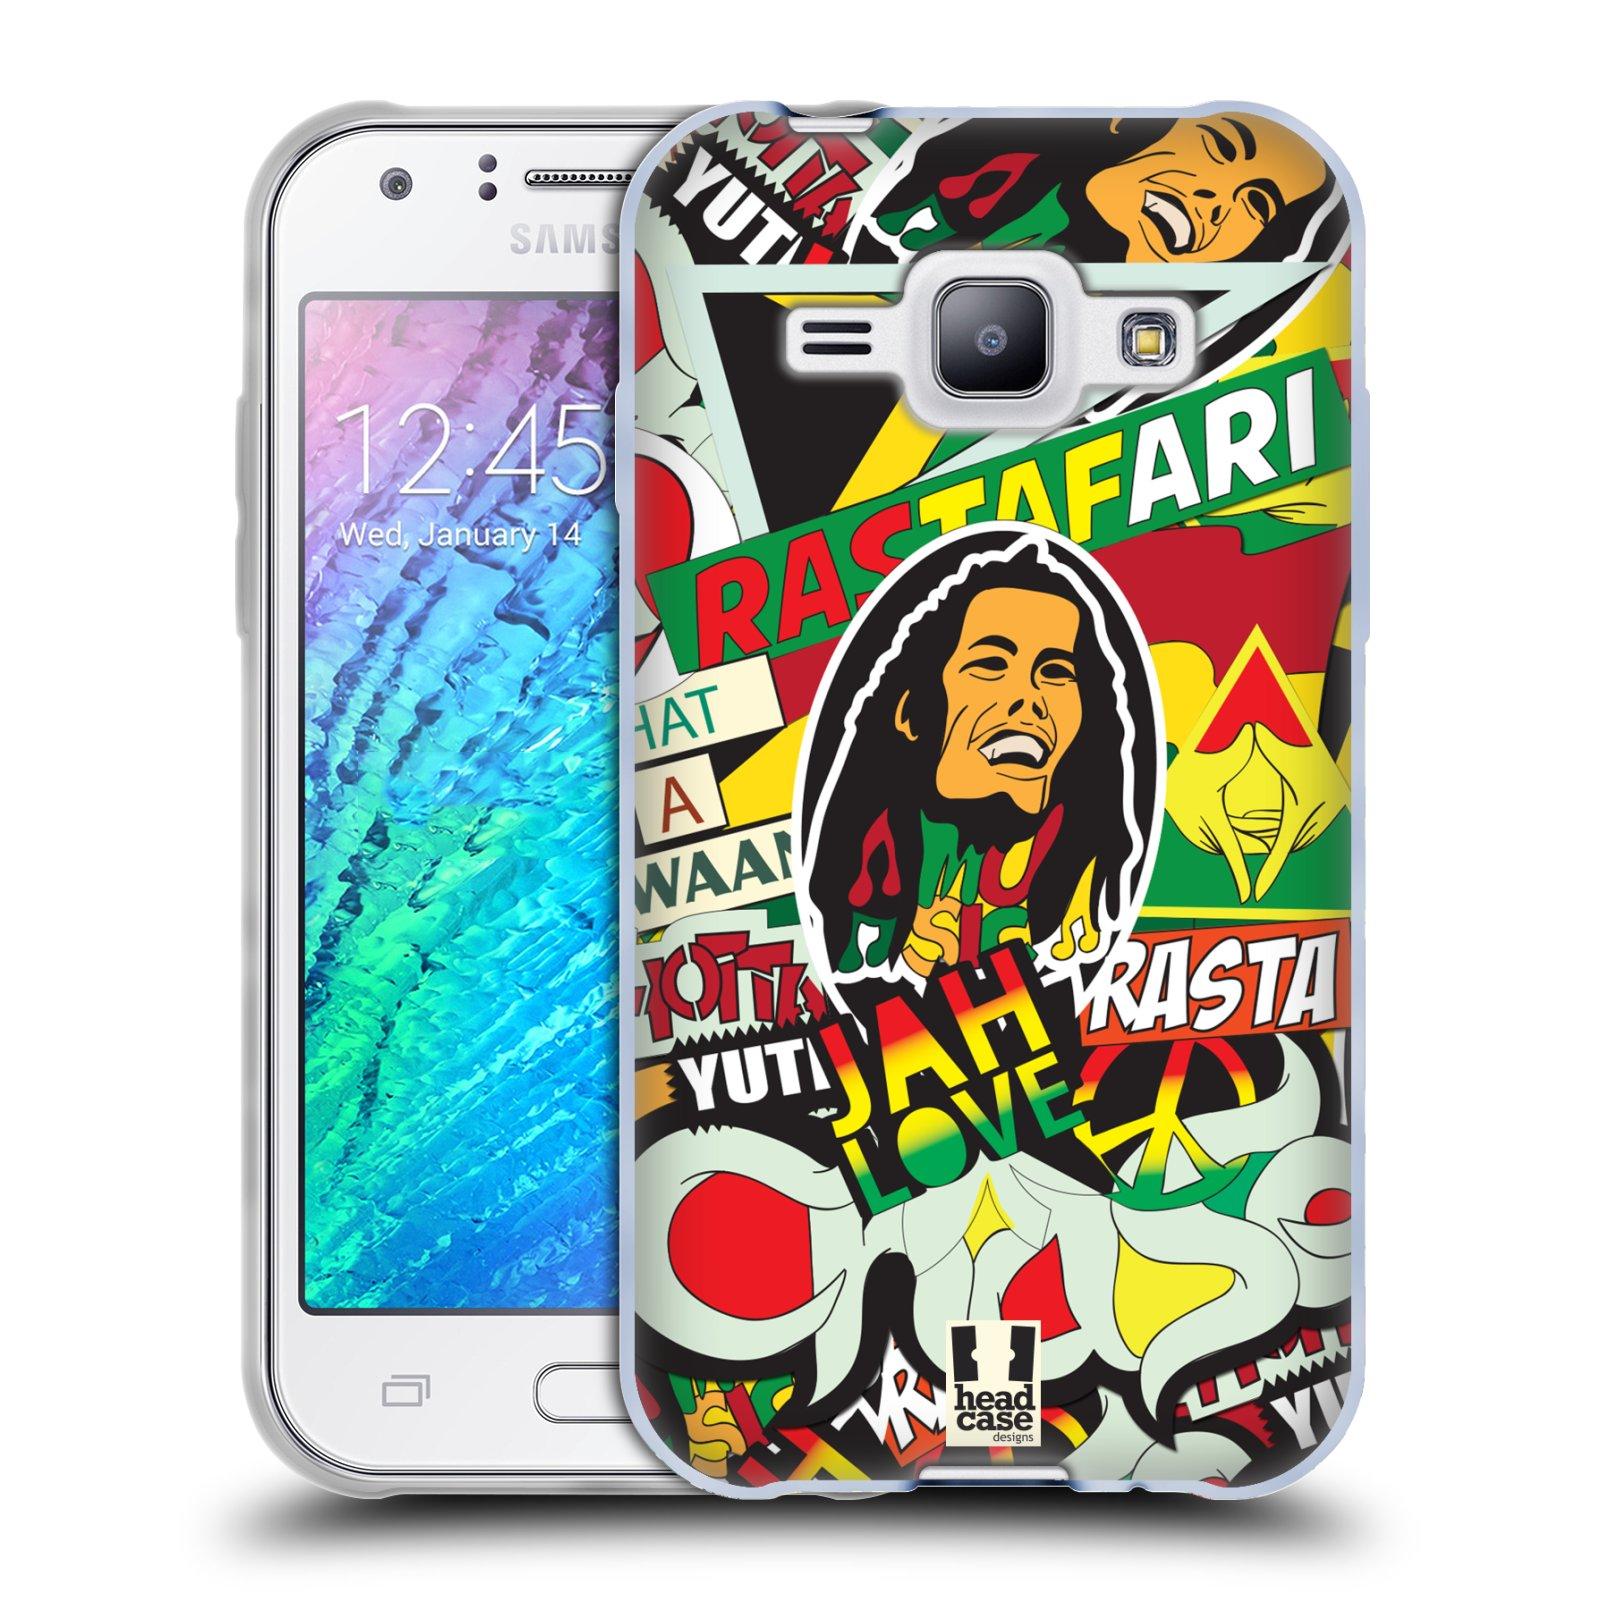 Silikonové pouzdro na mobil Samsung Galaxy J1 HEAD CASE RASTA (Silikonový kryt či obal na mobilní telefon Samsung Galaxy J1 a J1 Duos)